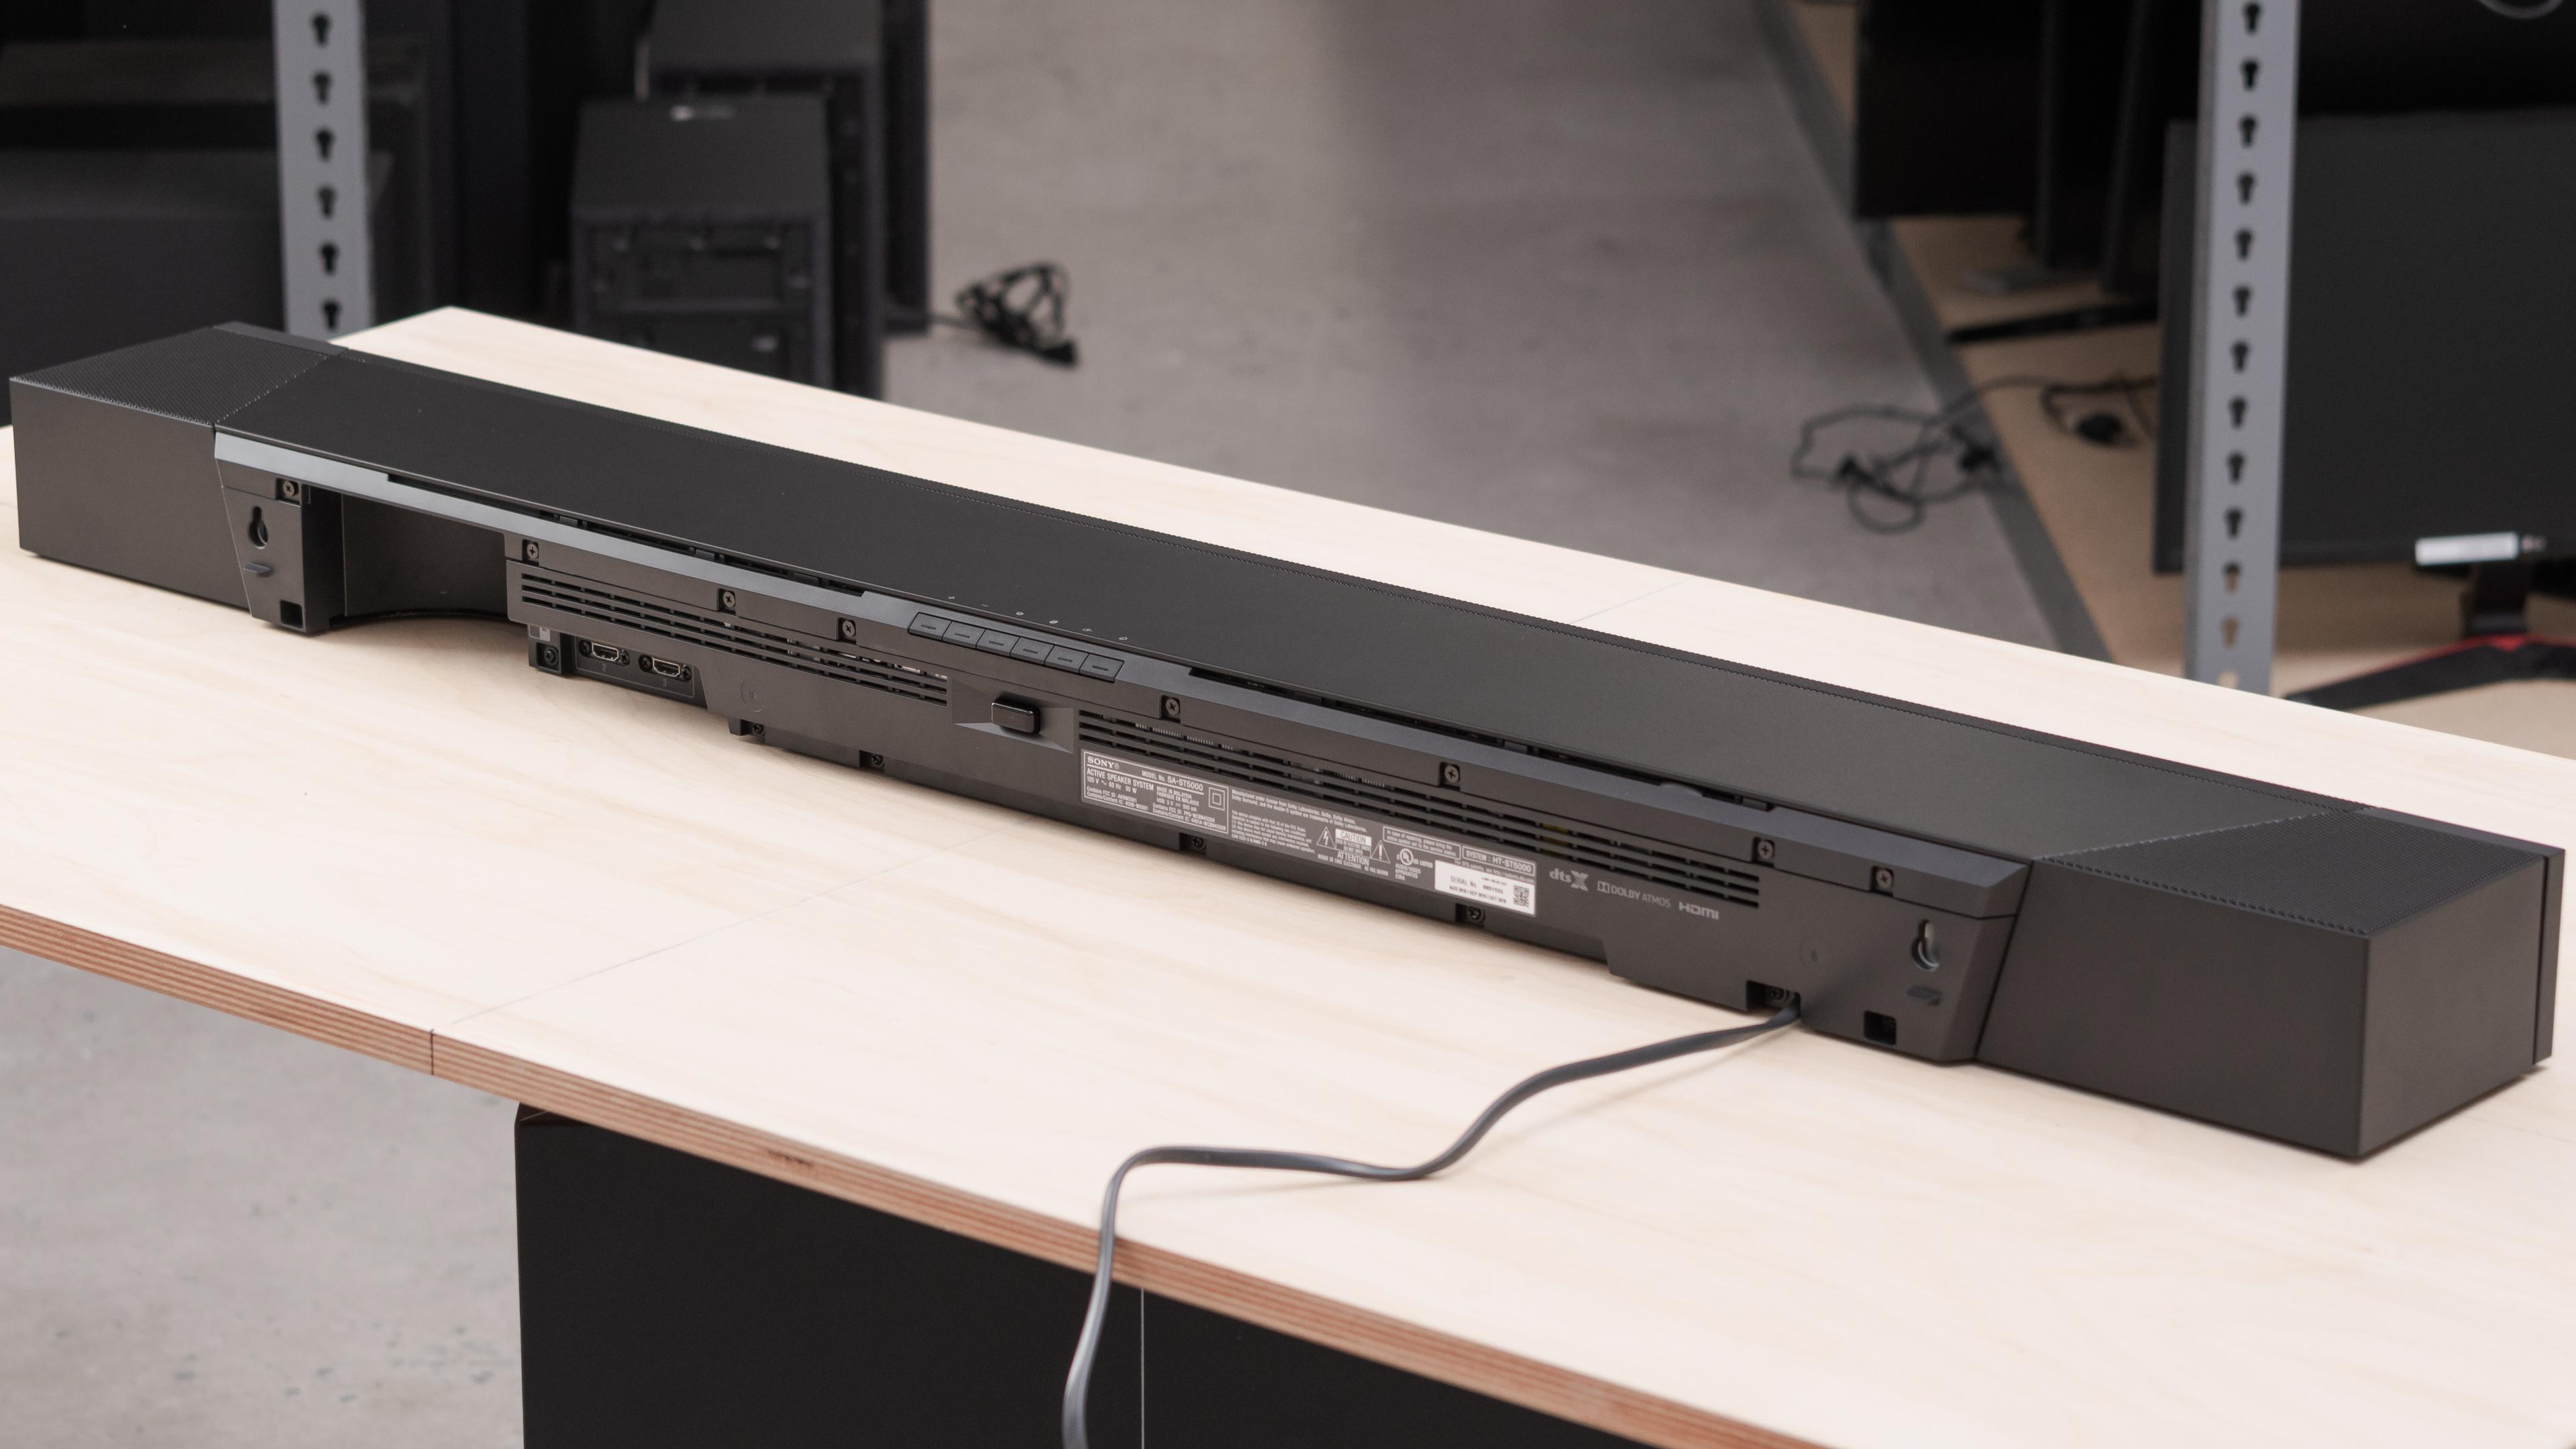 Análisis Barra de Sonido Sony HT-ST5000